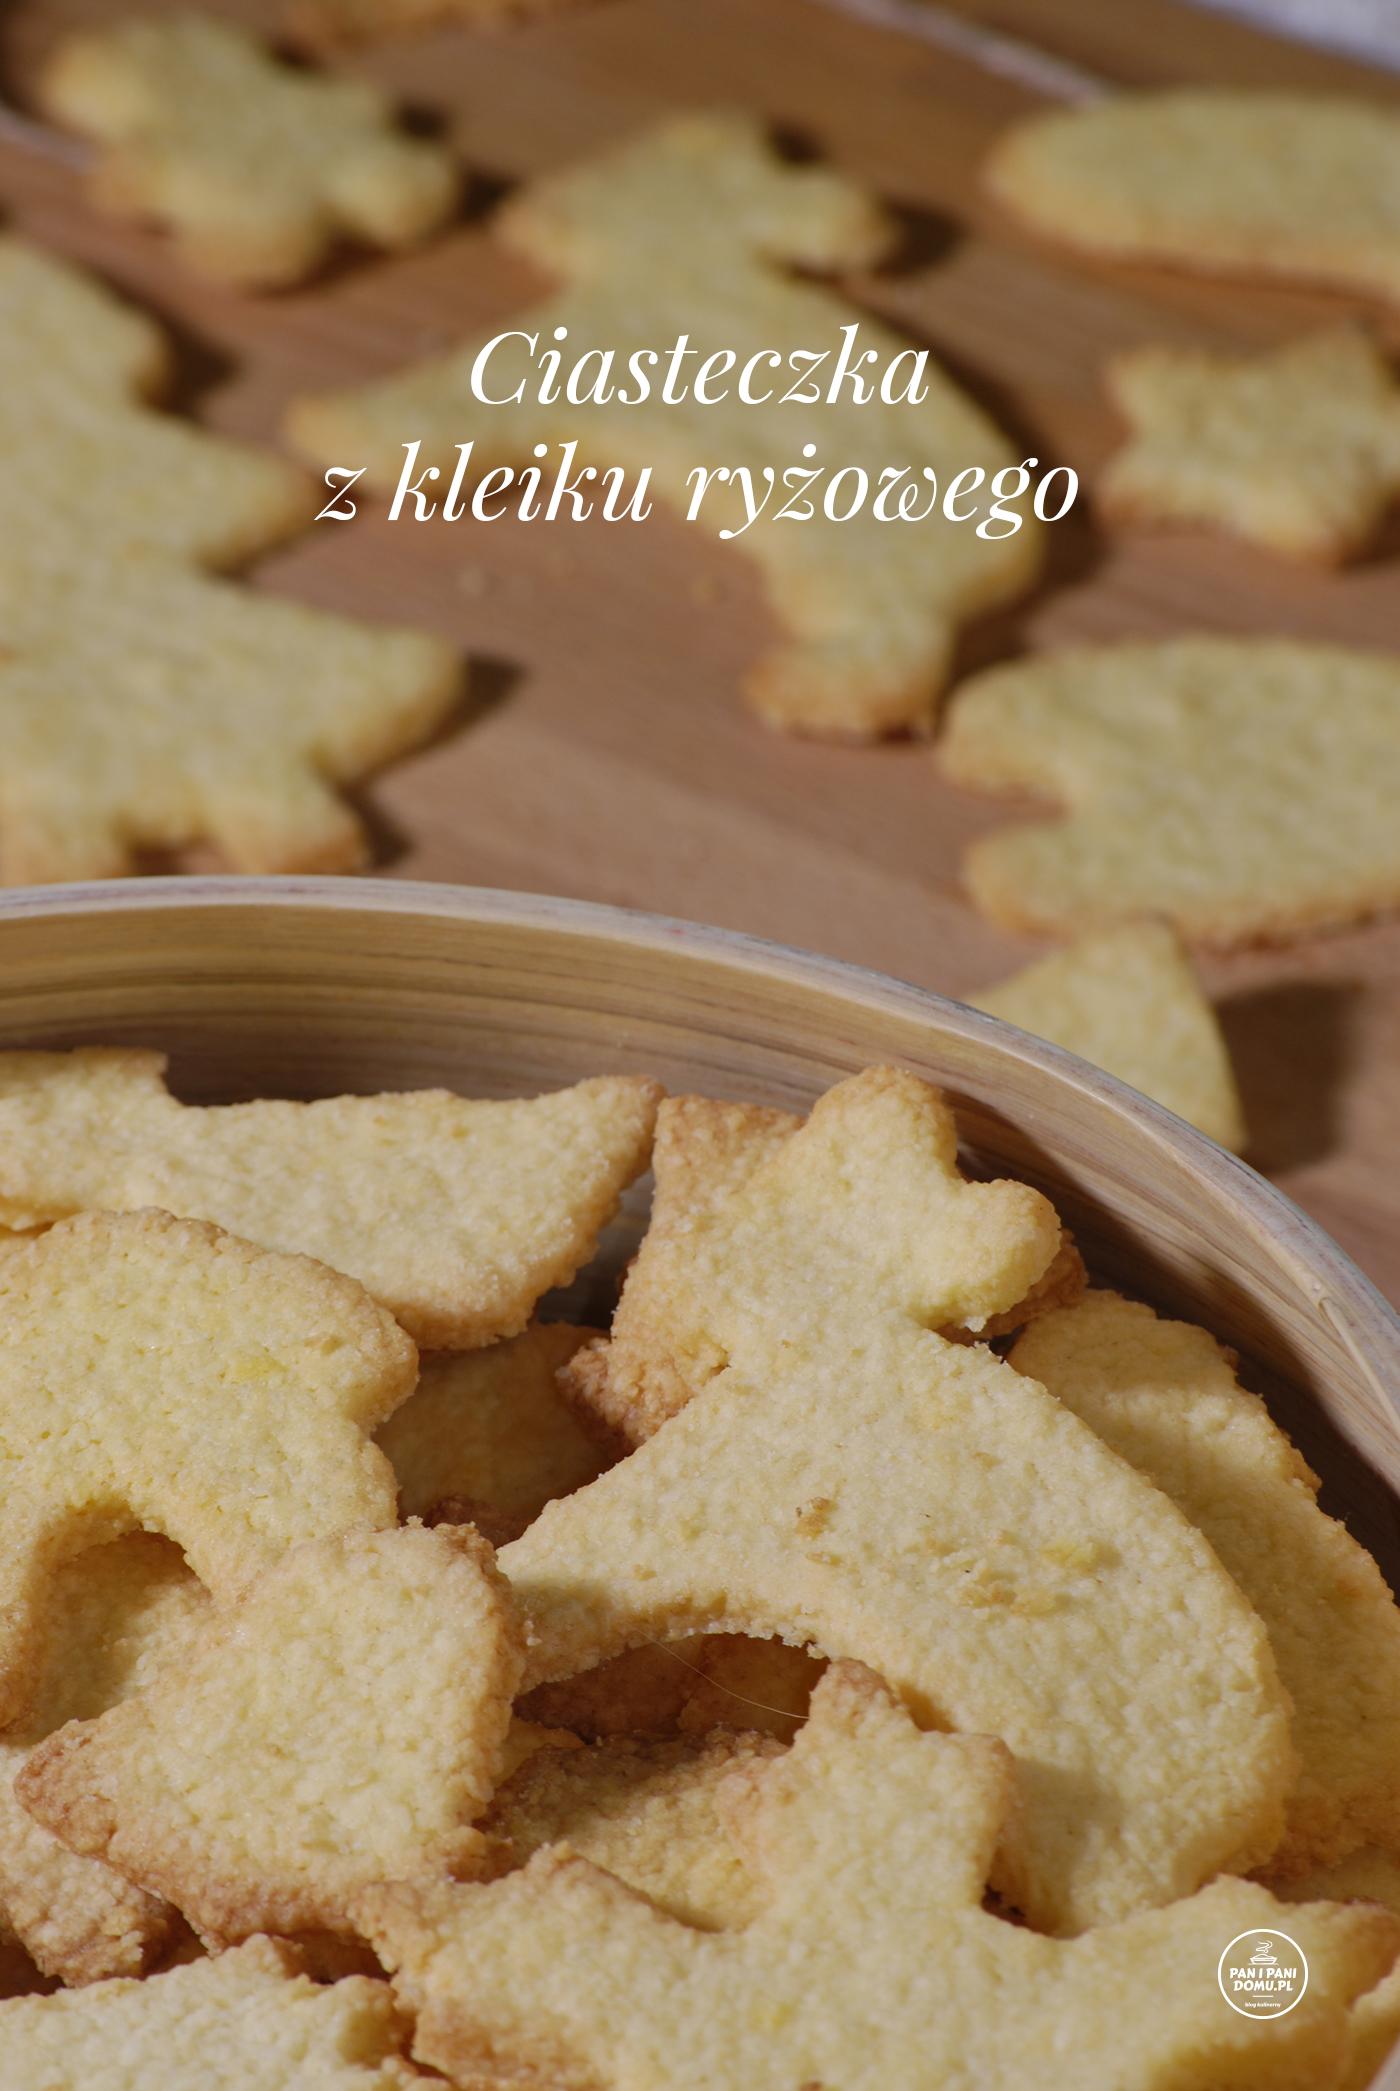 ciasteczka kleikowe